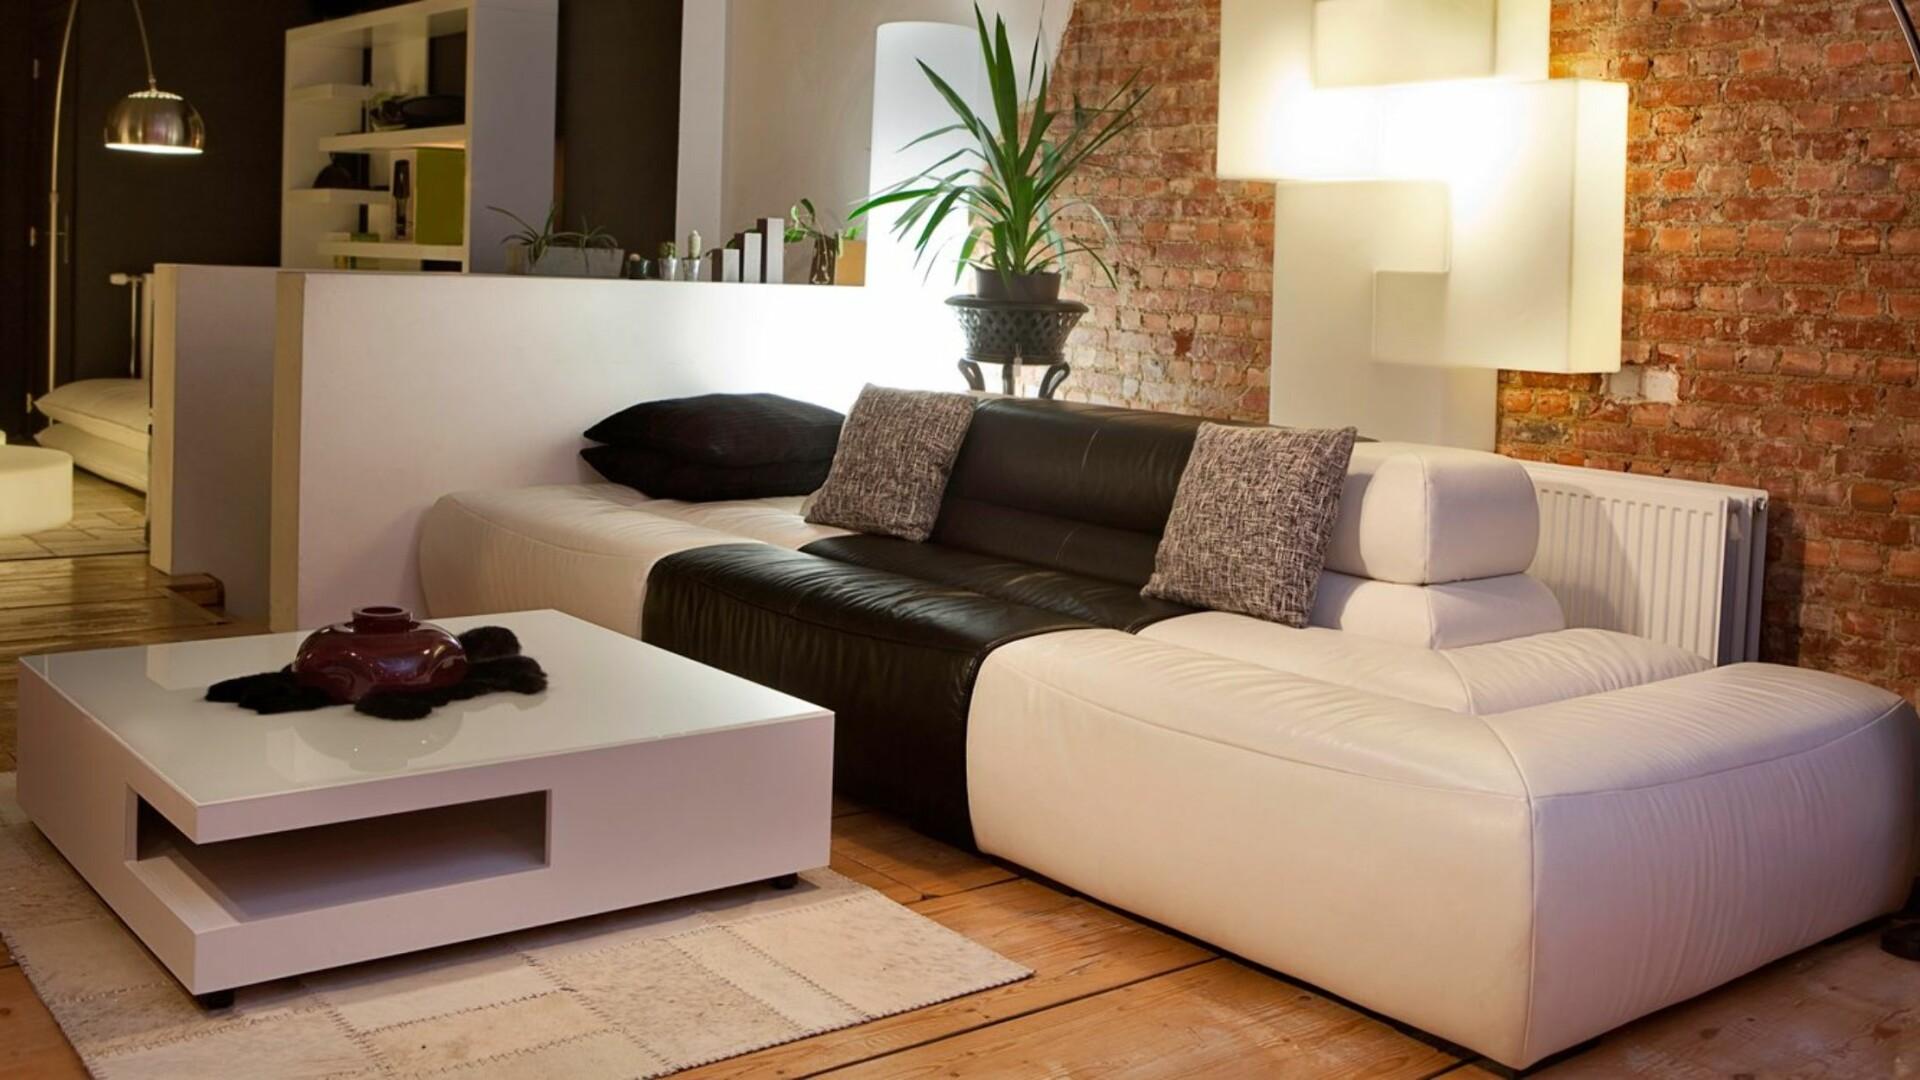 Utmerket Innredning og møblering av hjemmet - Oppussing KZ-33